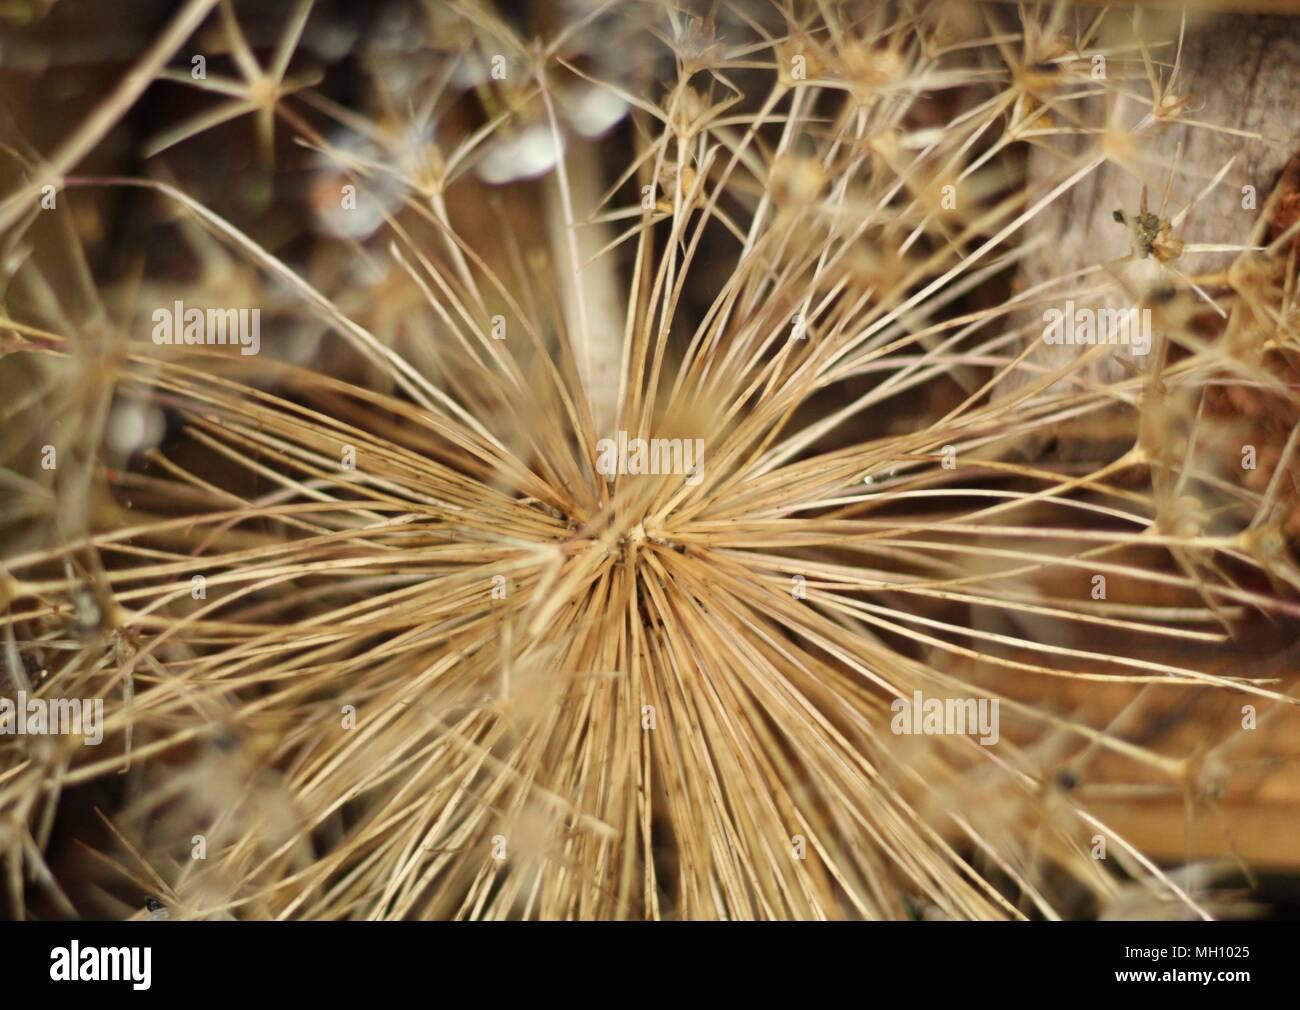 Les vivaces mortes - Close-up shot of seedhead après la pluie. Photo Stock